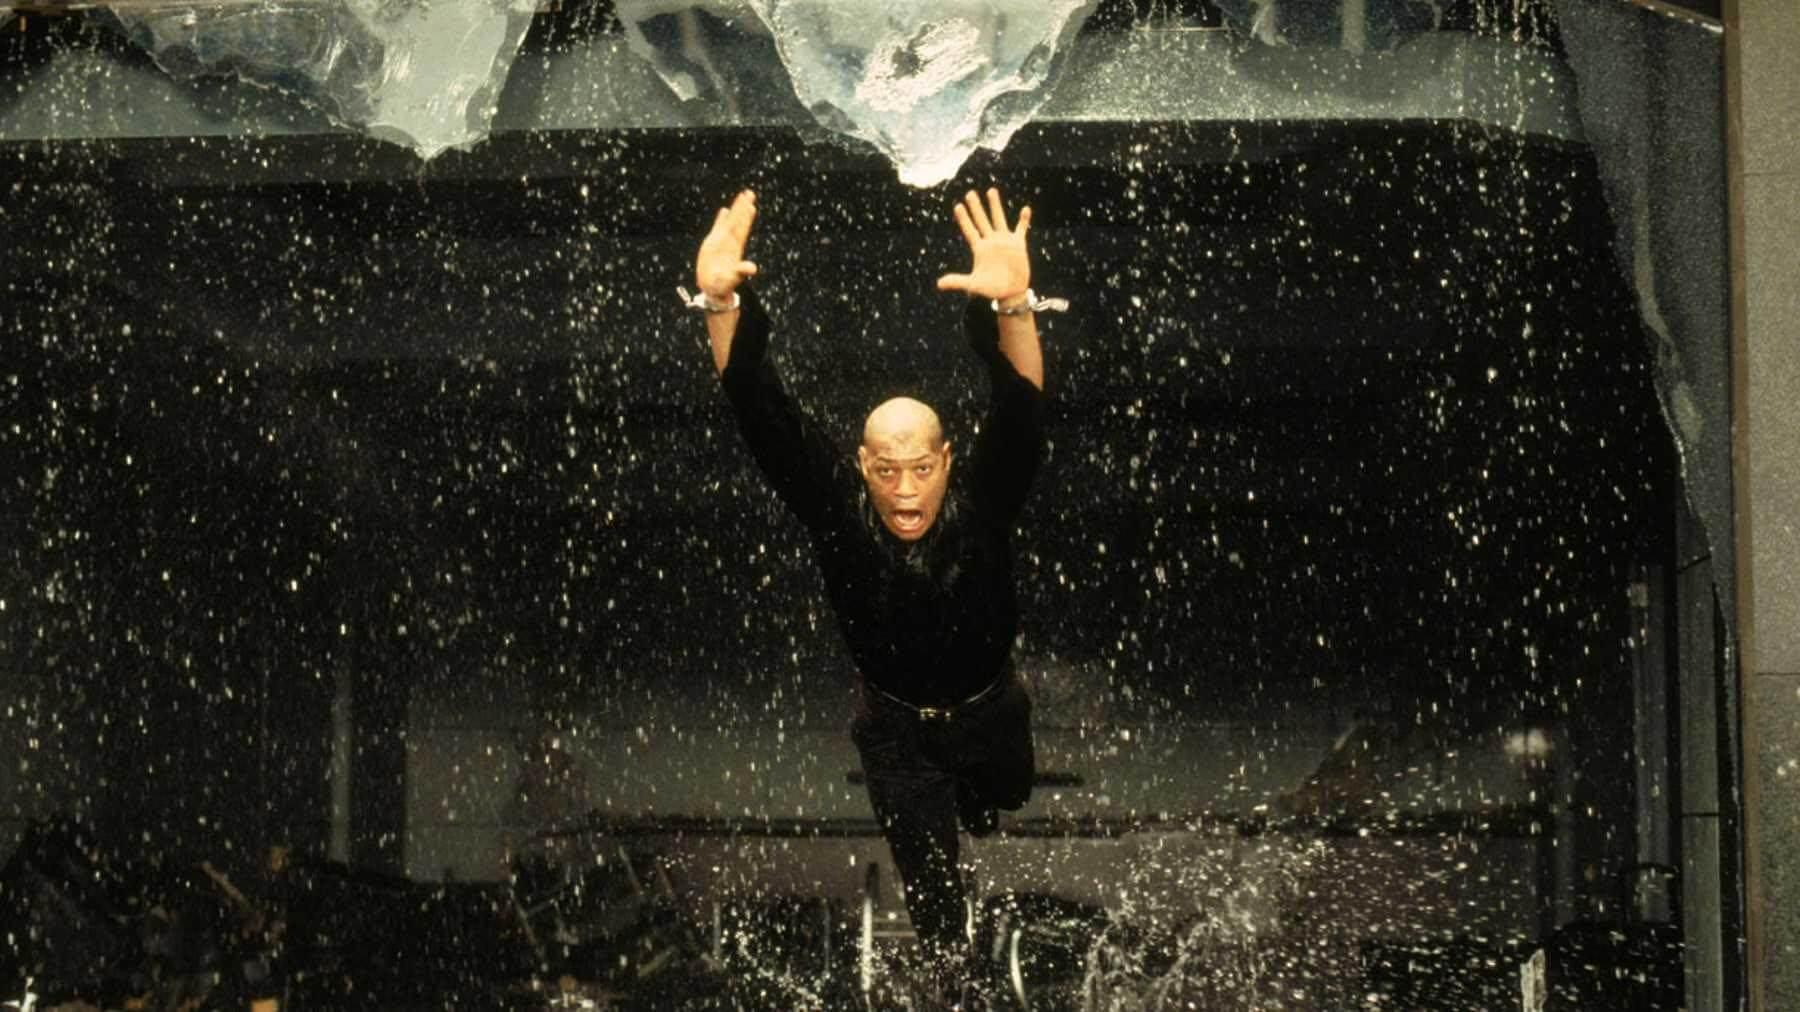 از لارنس فیشبرن برای بازی در The Matrix 4 دعوت نشده است